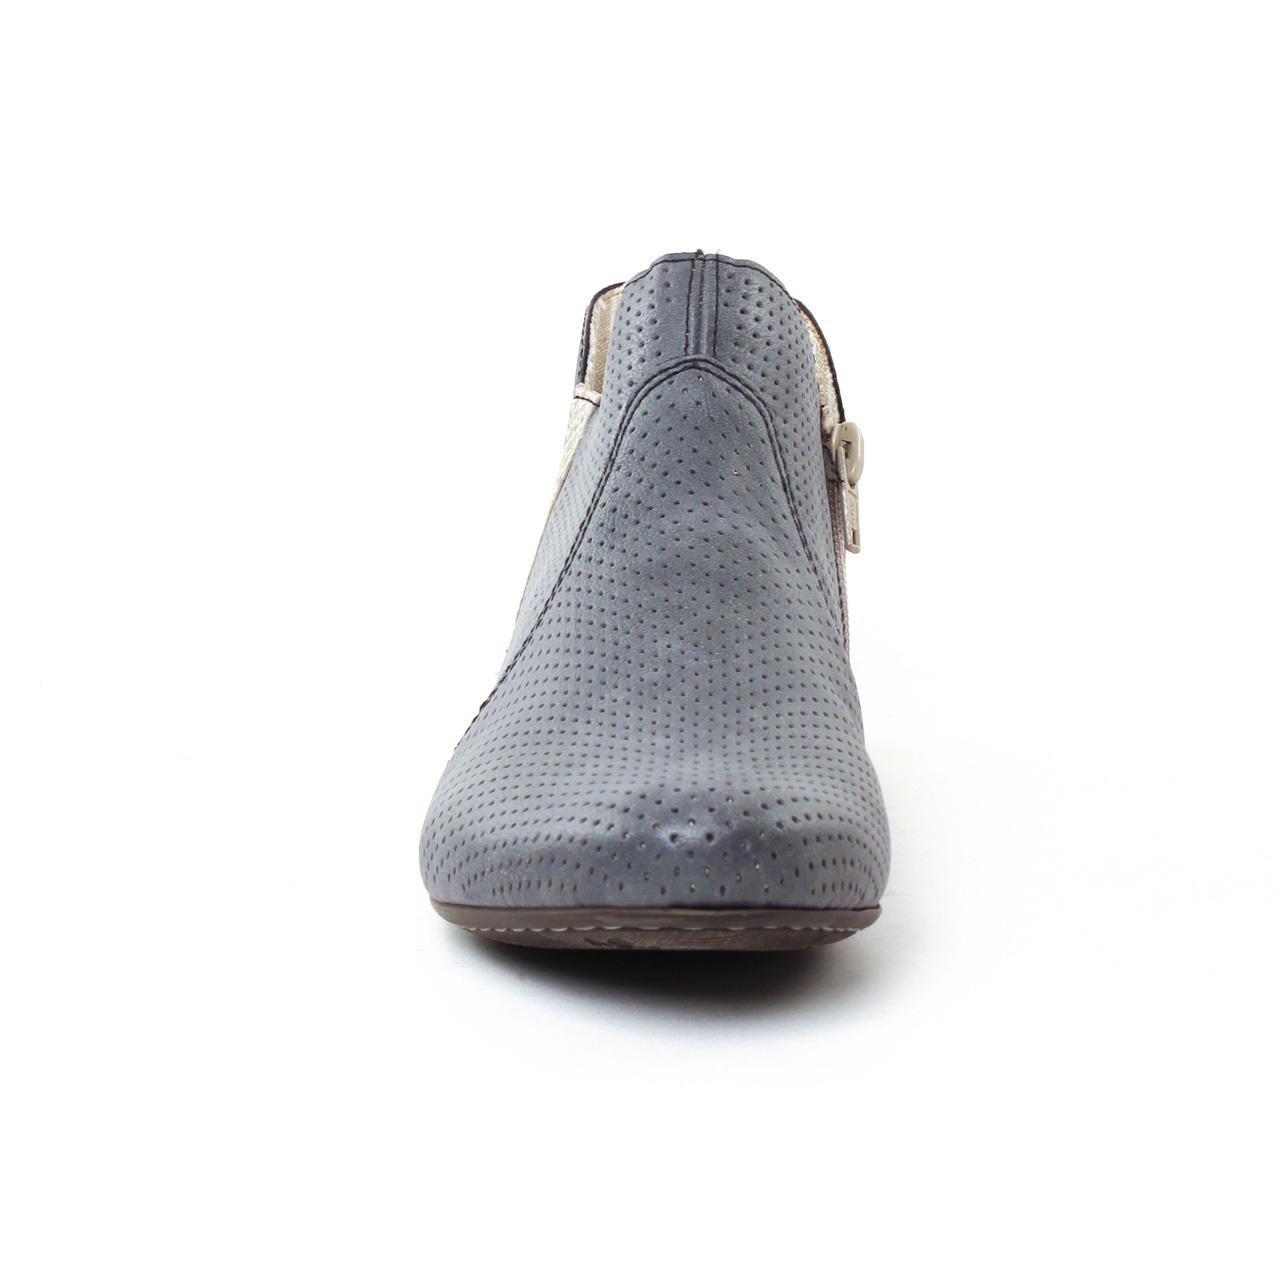 rieker 71975 jeans | low boots bleu gris printemps été chez trois